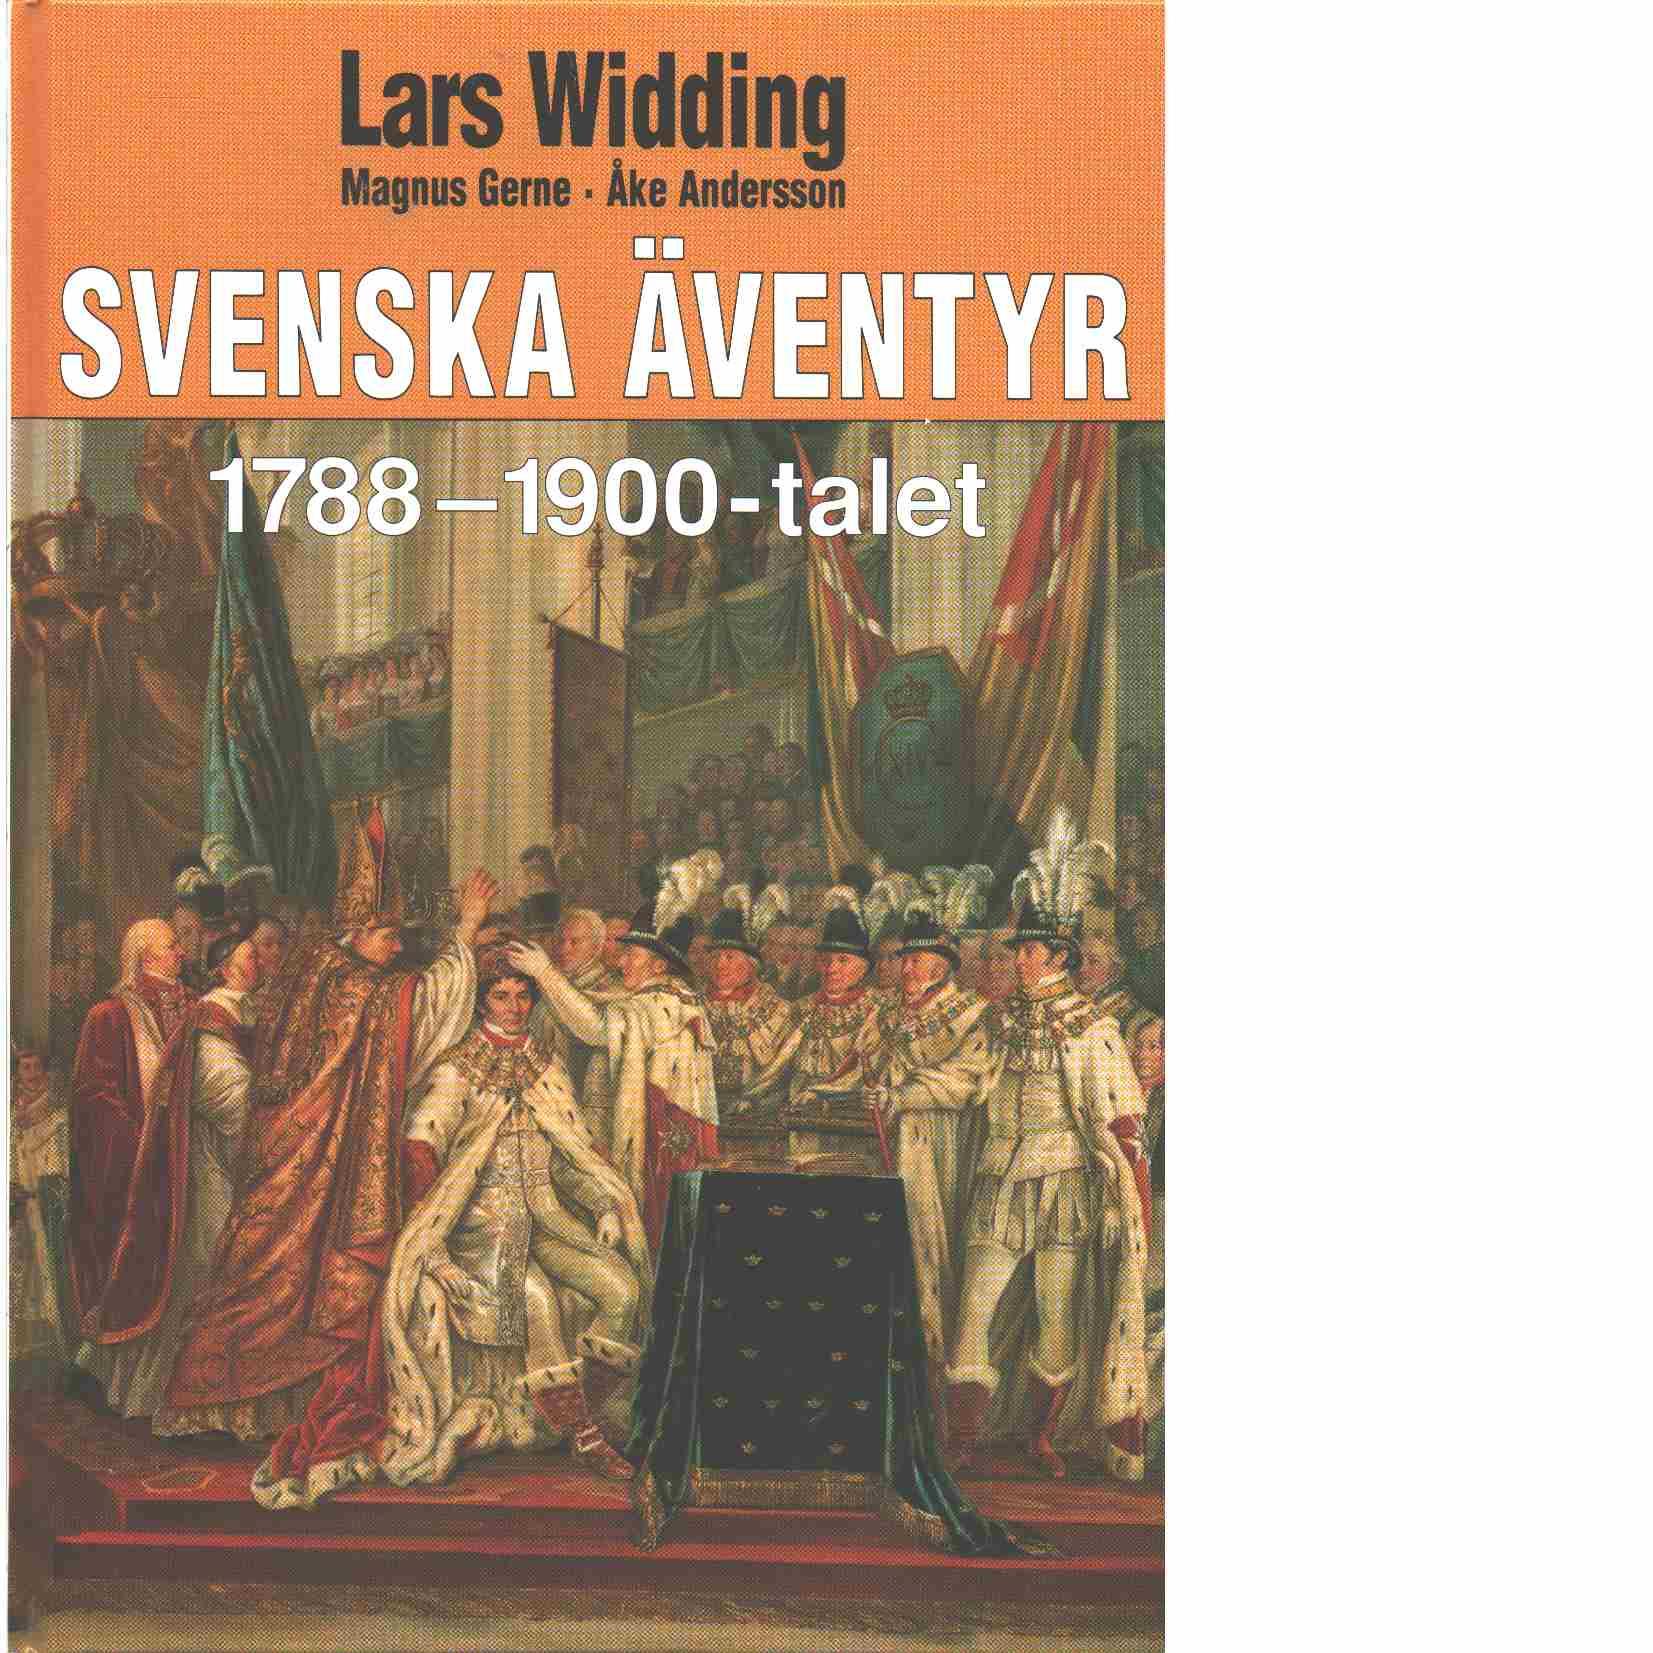 Svenska äventyr. [3], [1788-1900-talet] - Widding, Lars och Gerne, Magnus, samt Andersson, Åke